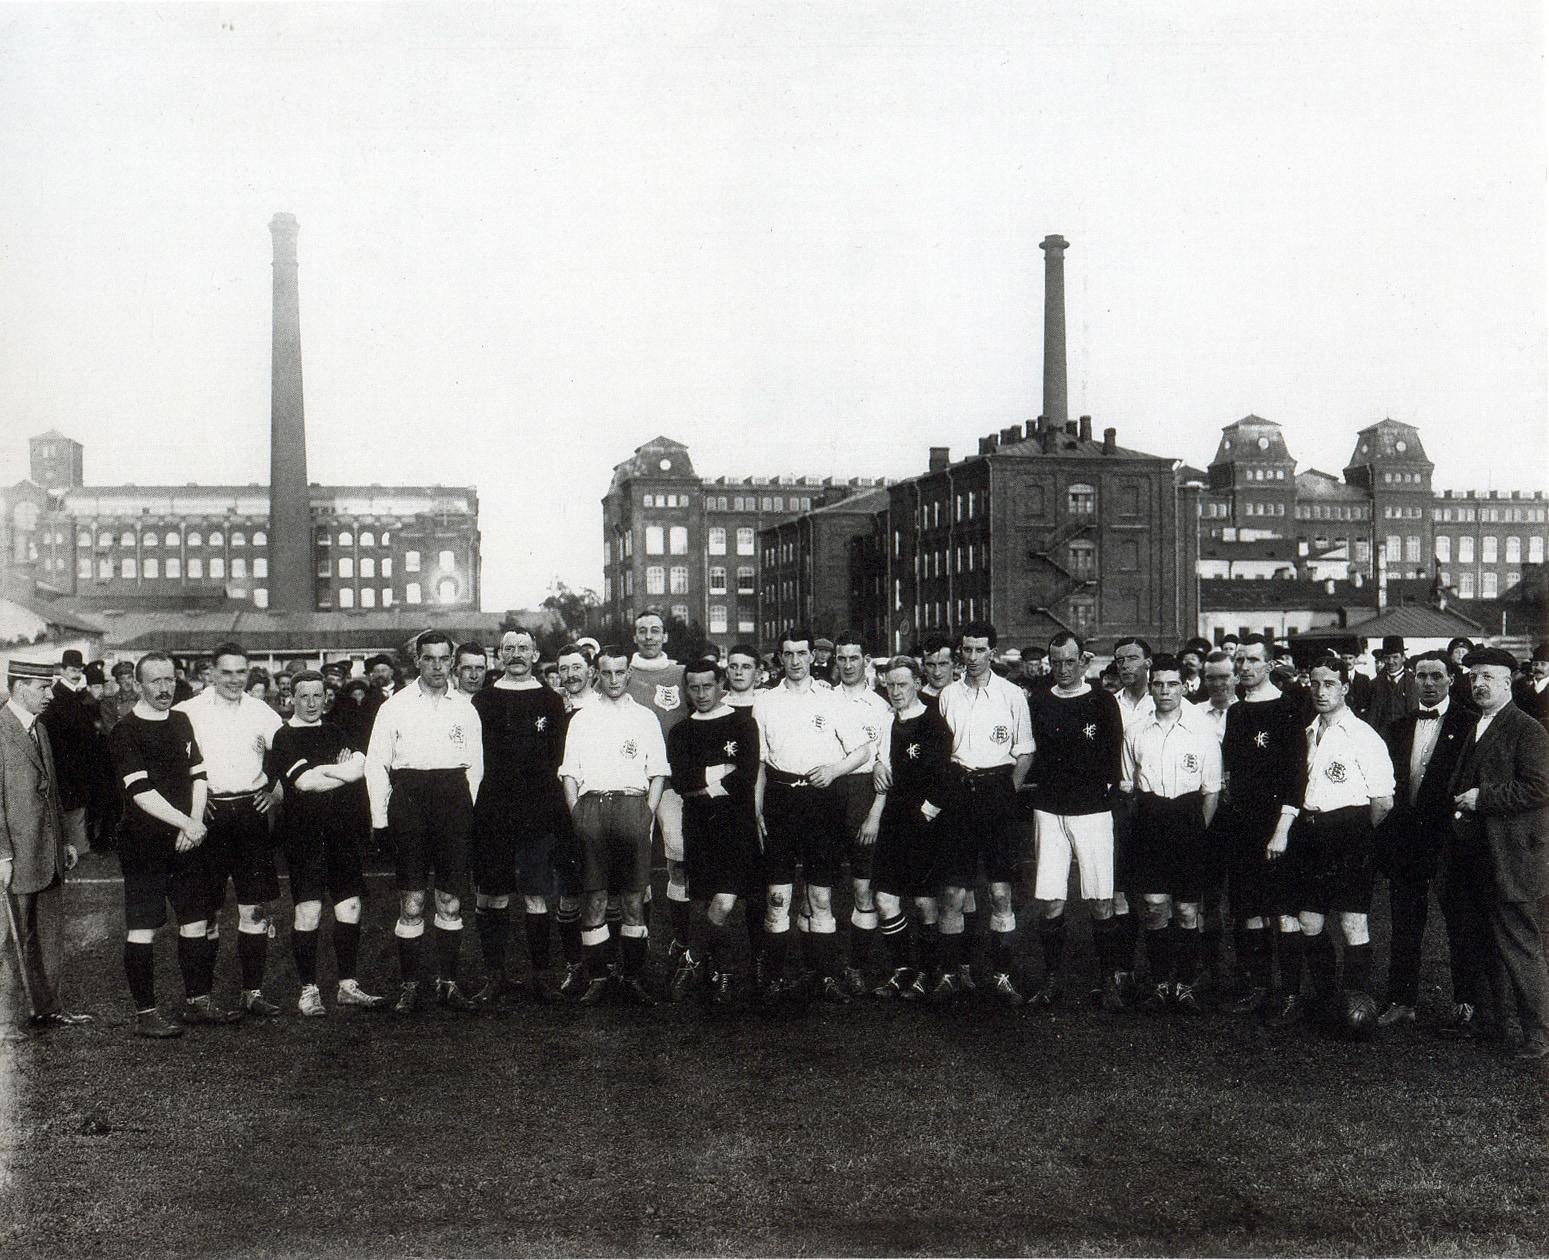 1911. Футбольный матч Англия-Россия